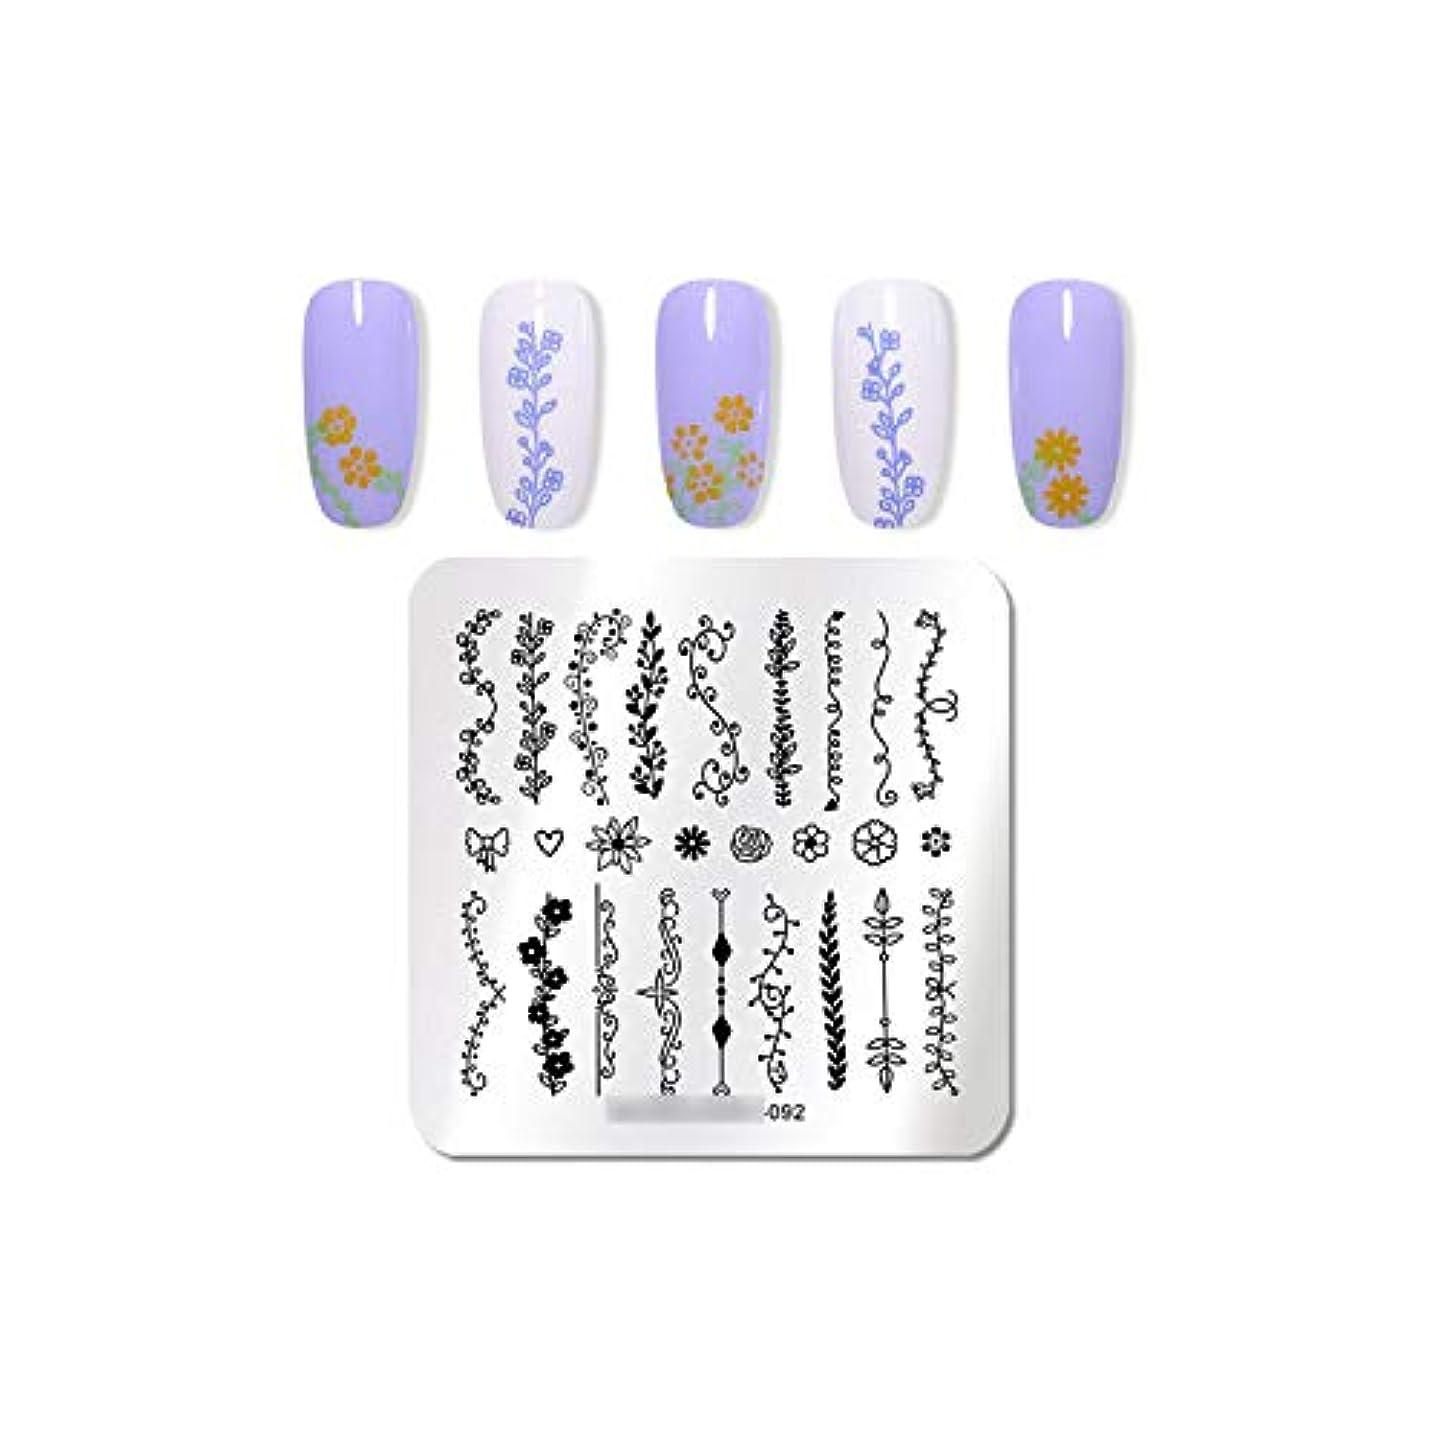 不信ジャンクション太い植物ネイルスタンピングプレートアイスクリームイメージスタンプテンプレート花ネイルアートステンシルマニキュア印刷ツール,92